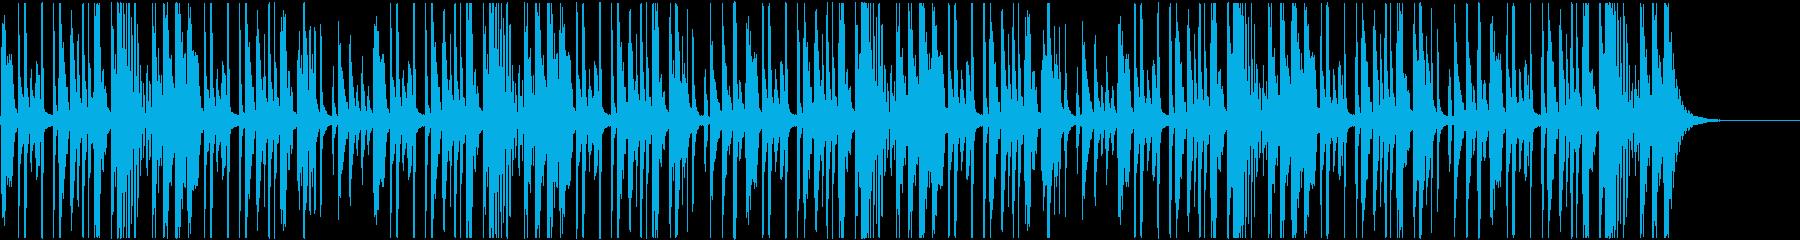 無機質な雰囲気のリズムの再生済みの波形